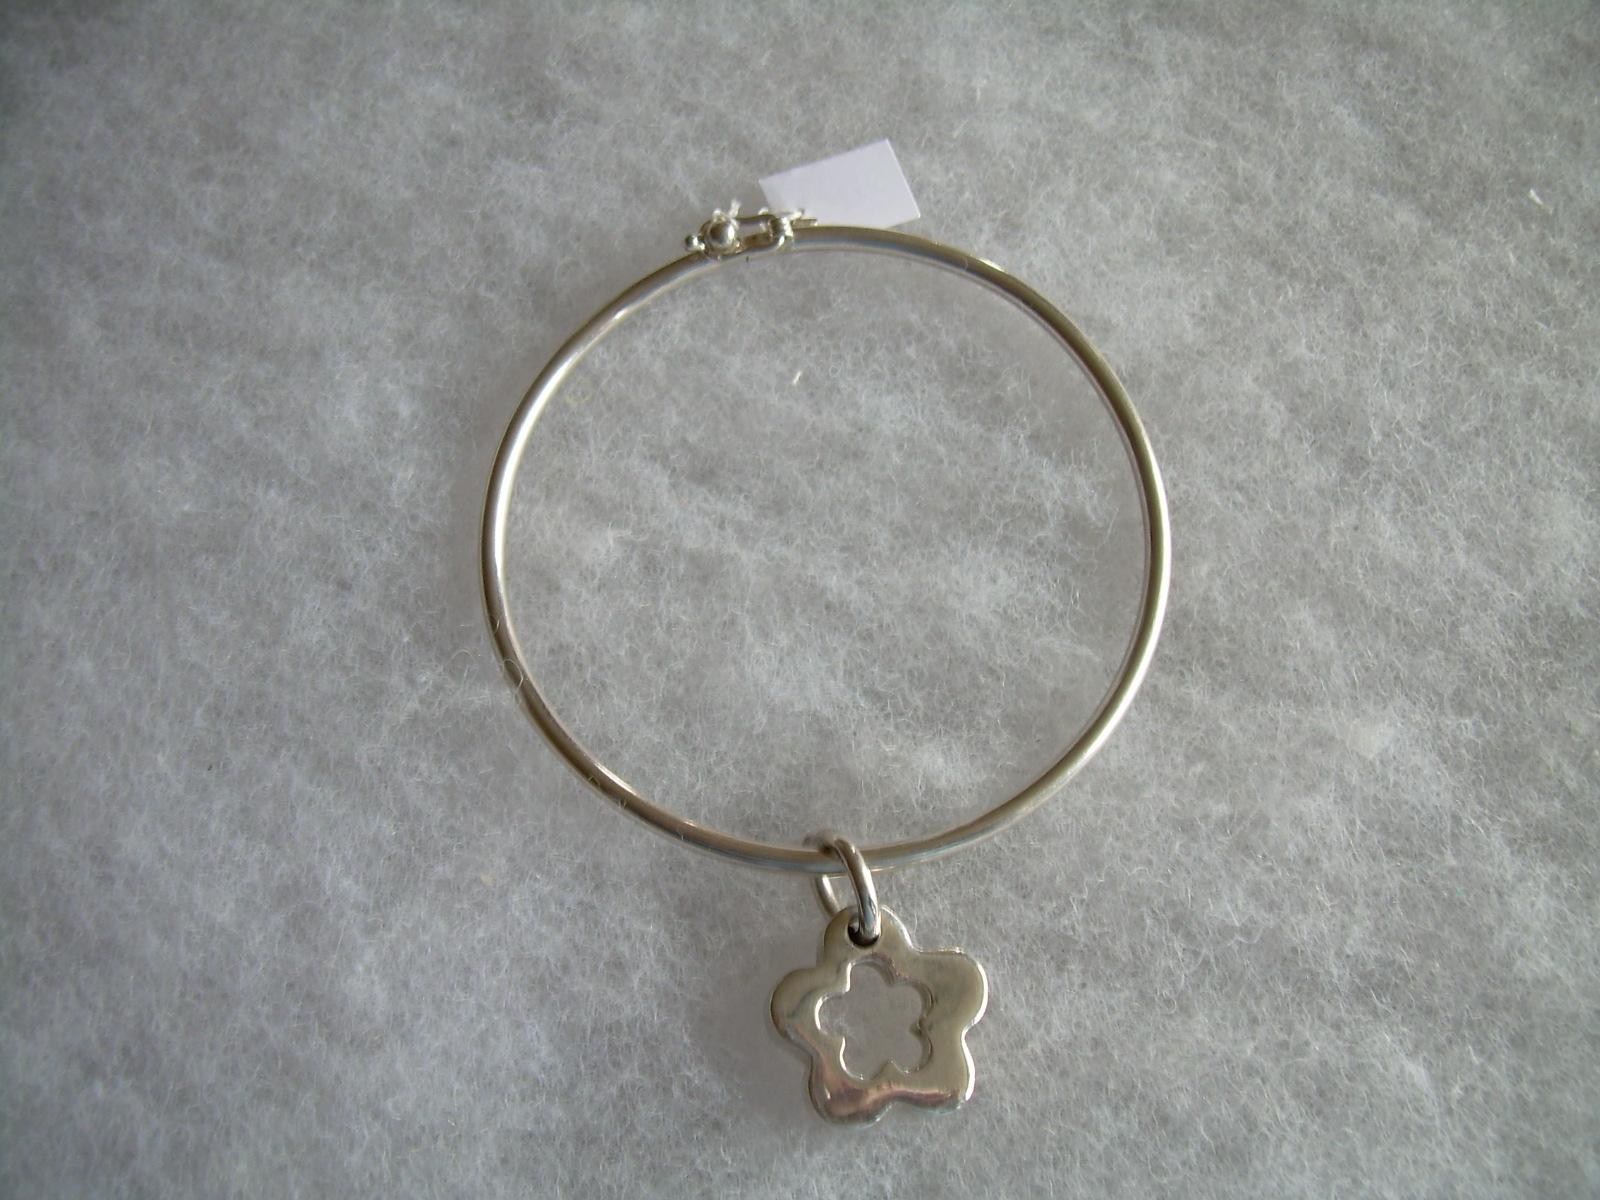 Joyas de plata lourdes ruiz pulseras de plata n 2 - Cuberterias de plata precios ...